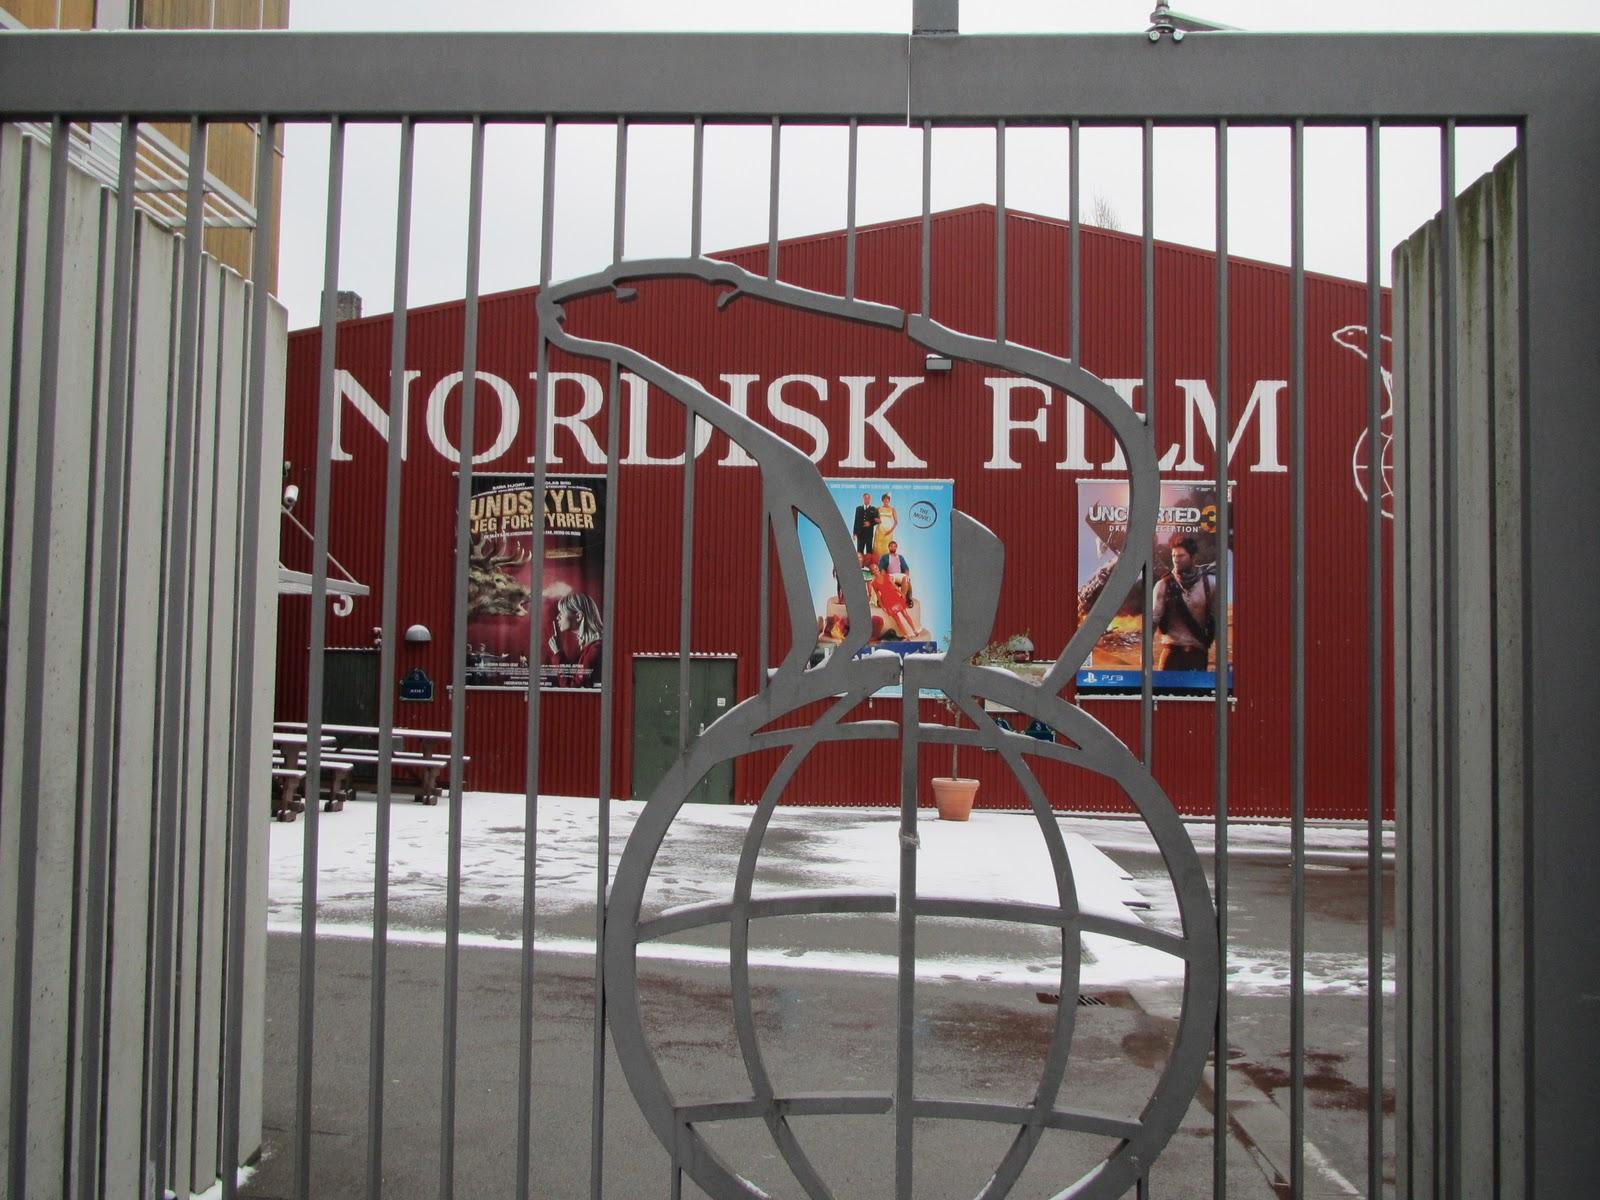 nordisk film olsen banden